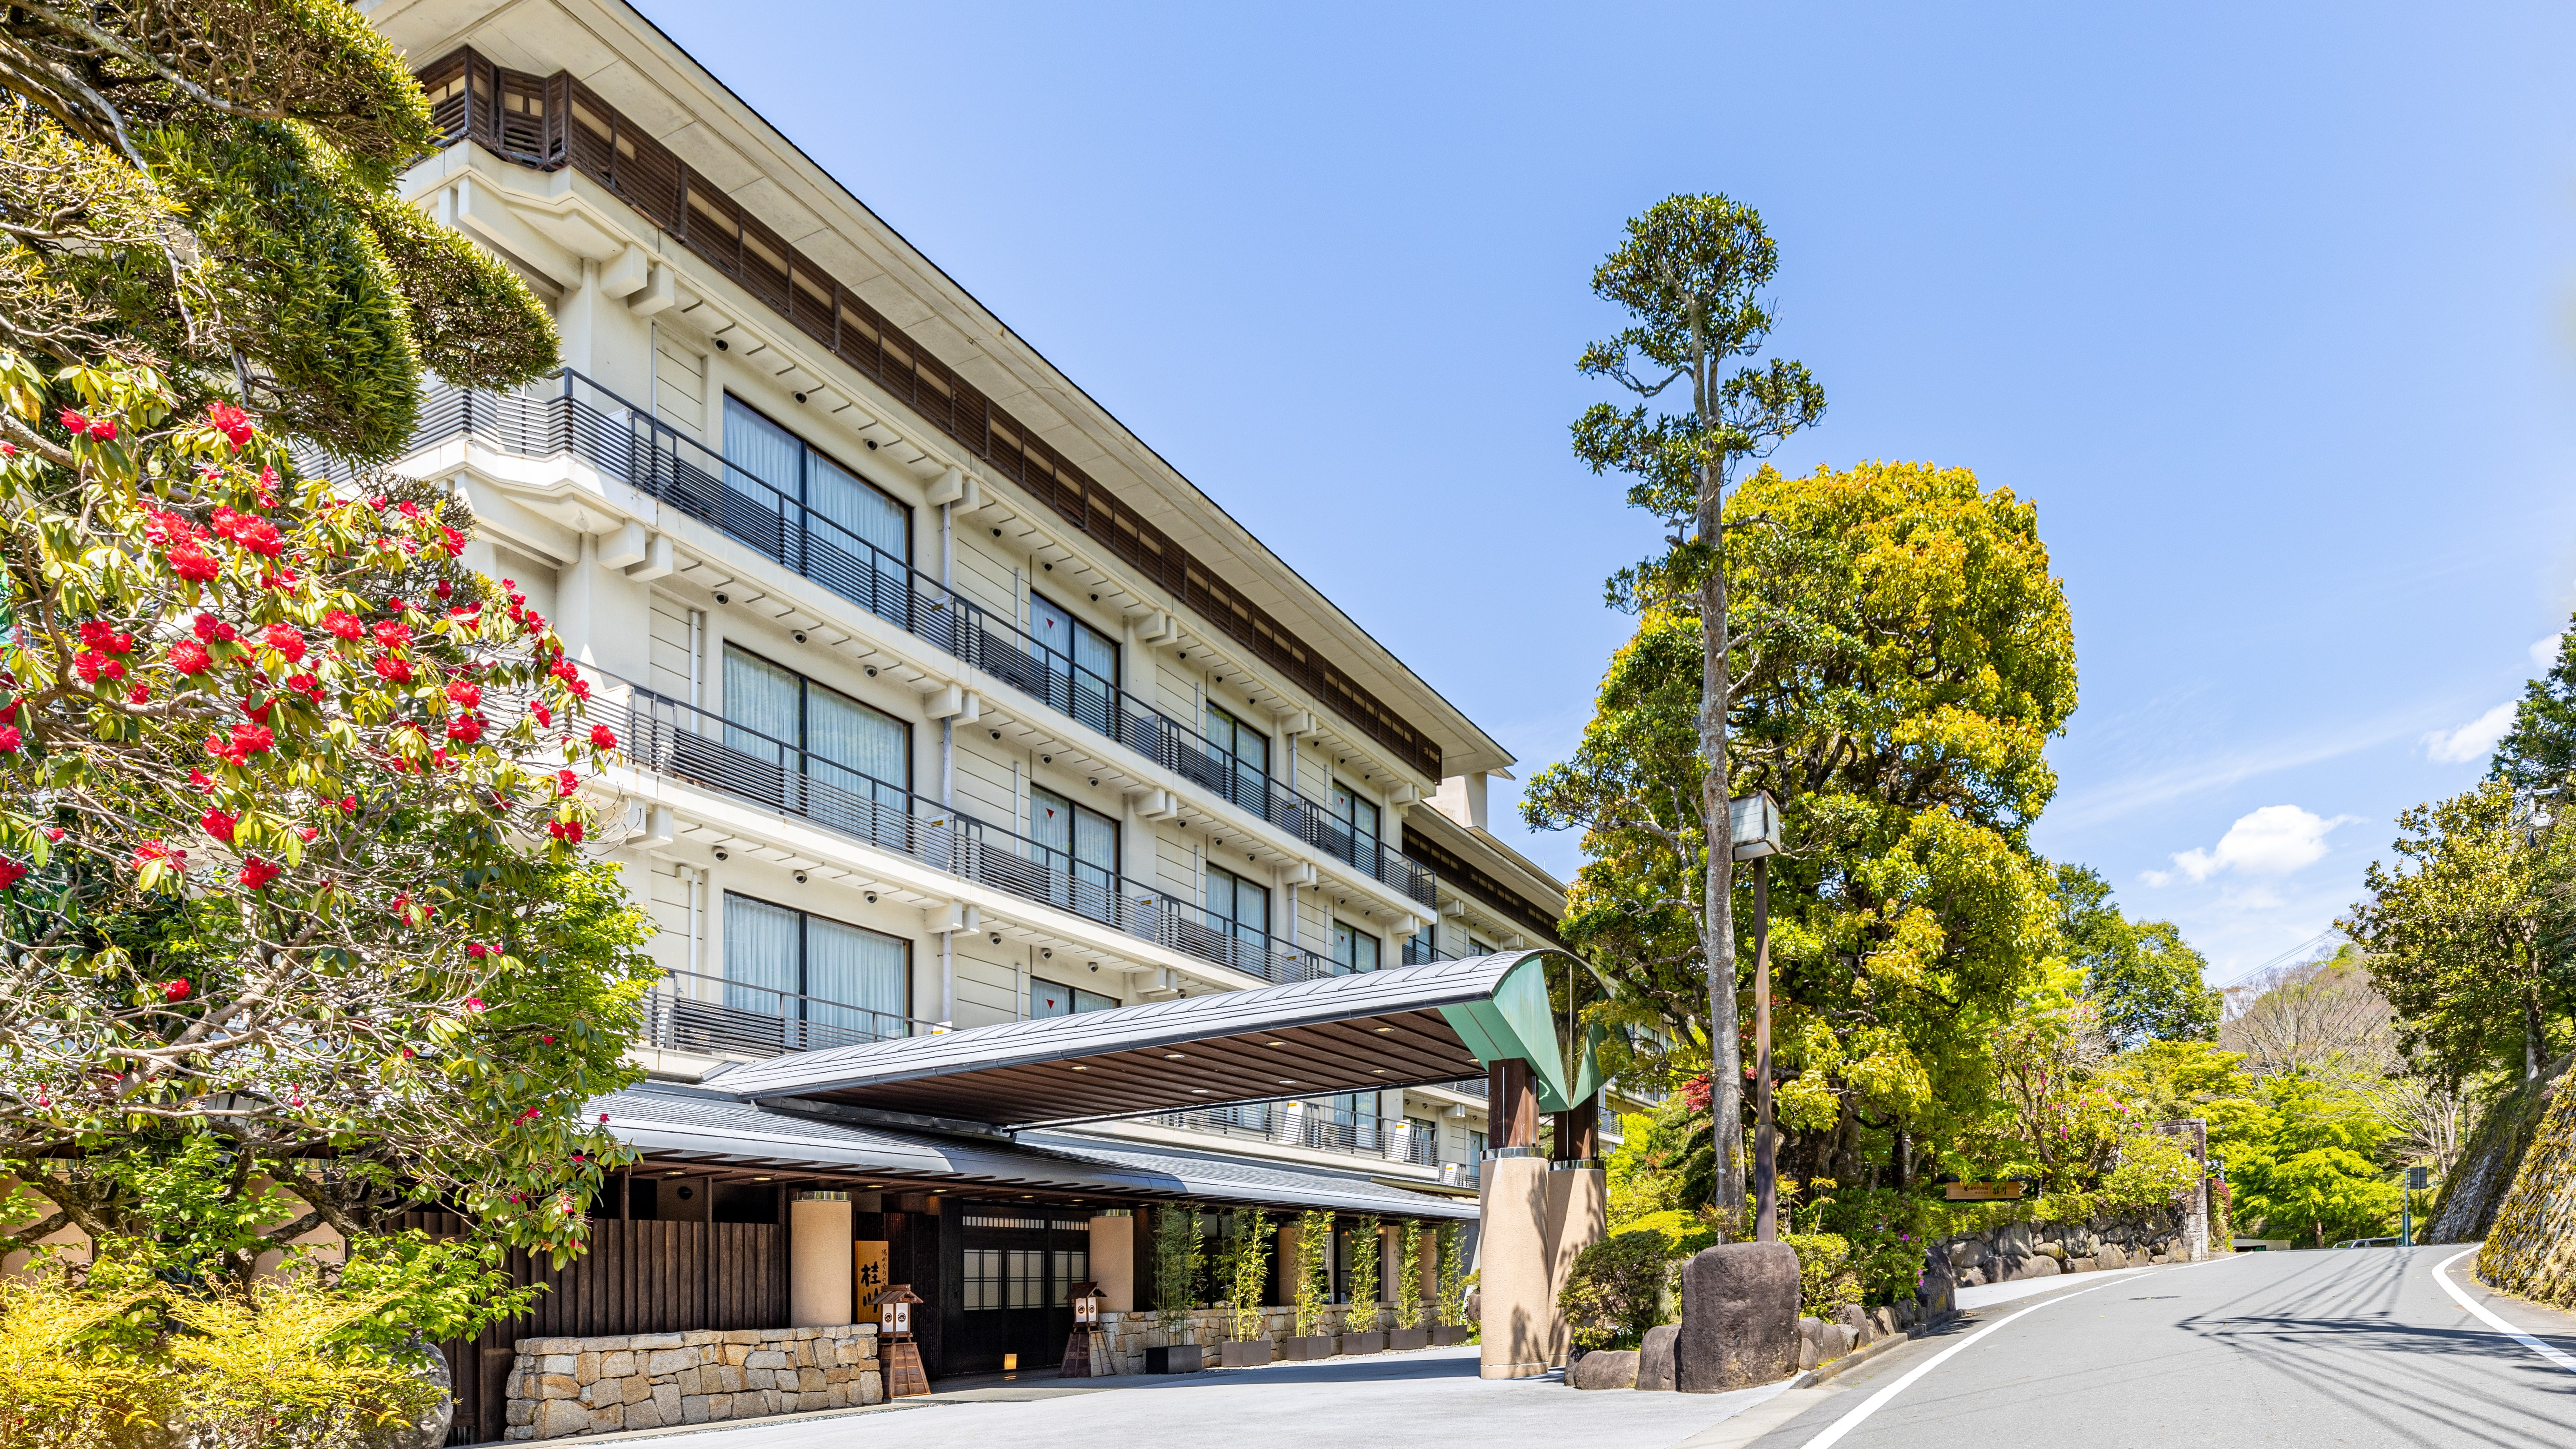 11月の3連休に修善寺温泉に行きます。あまり混んでいない宿はありますか?